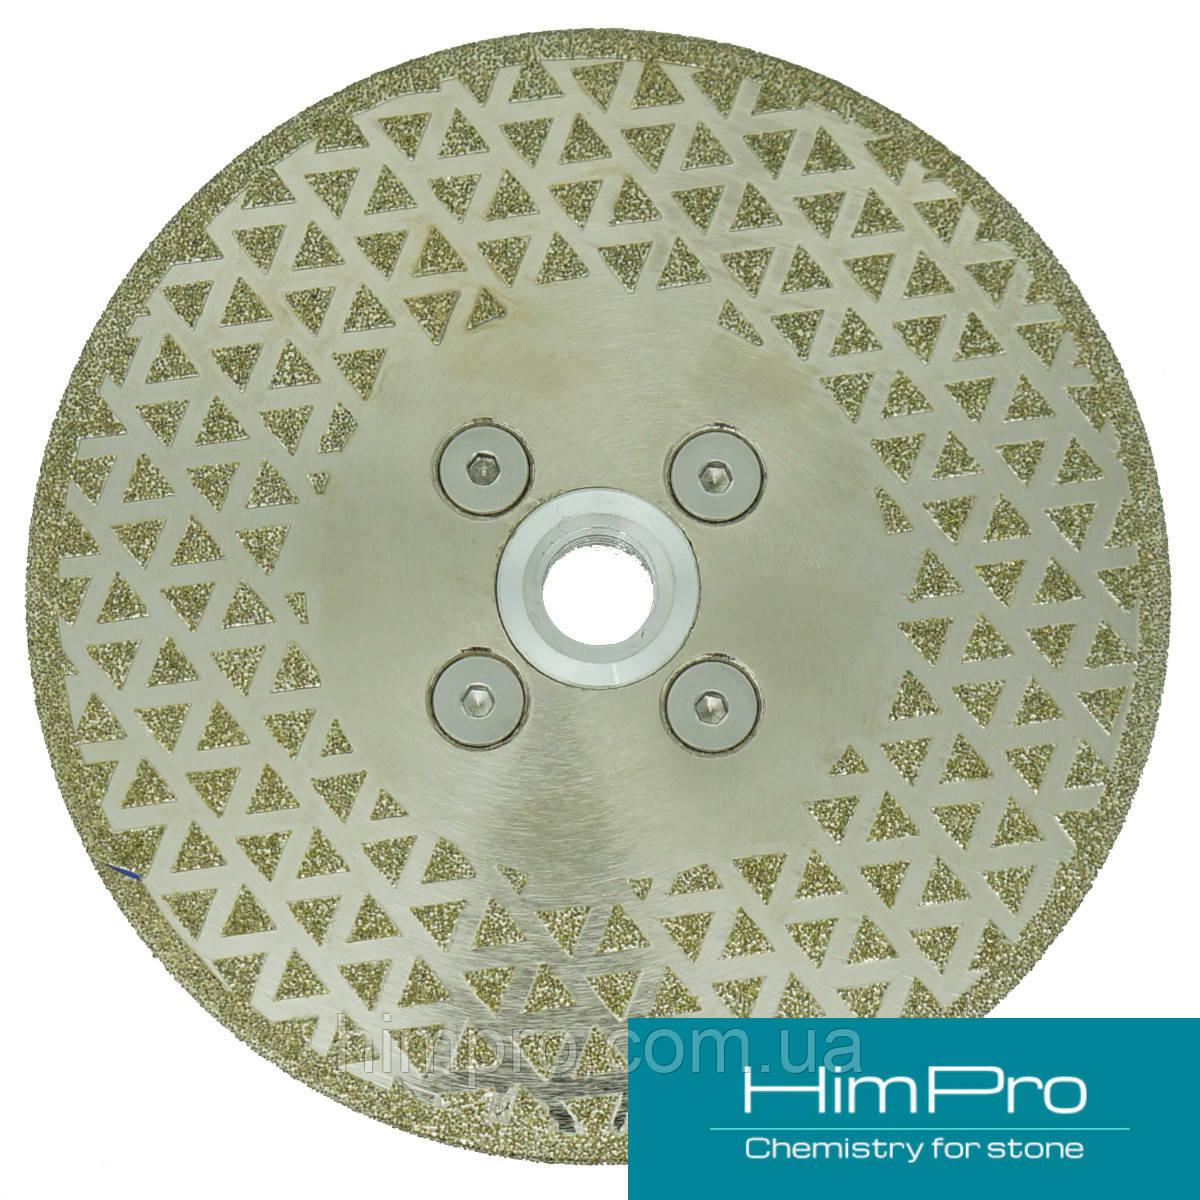 D125 треугольник Алмазный шлифовально-отрезной диск для мрамора с фланцем односторонний